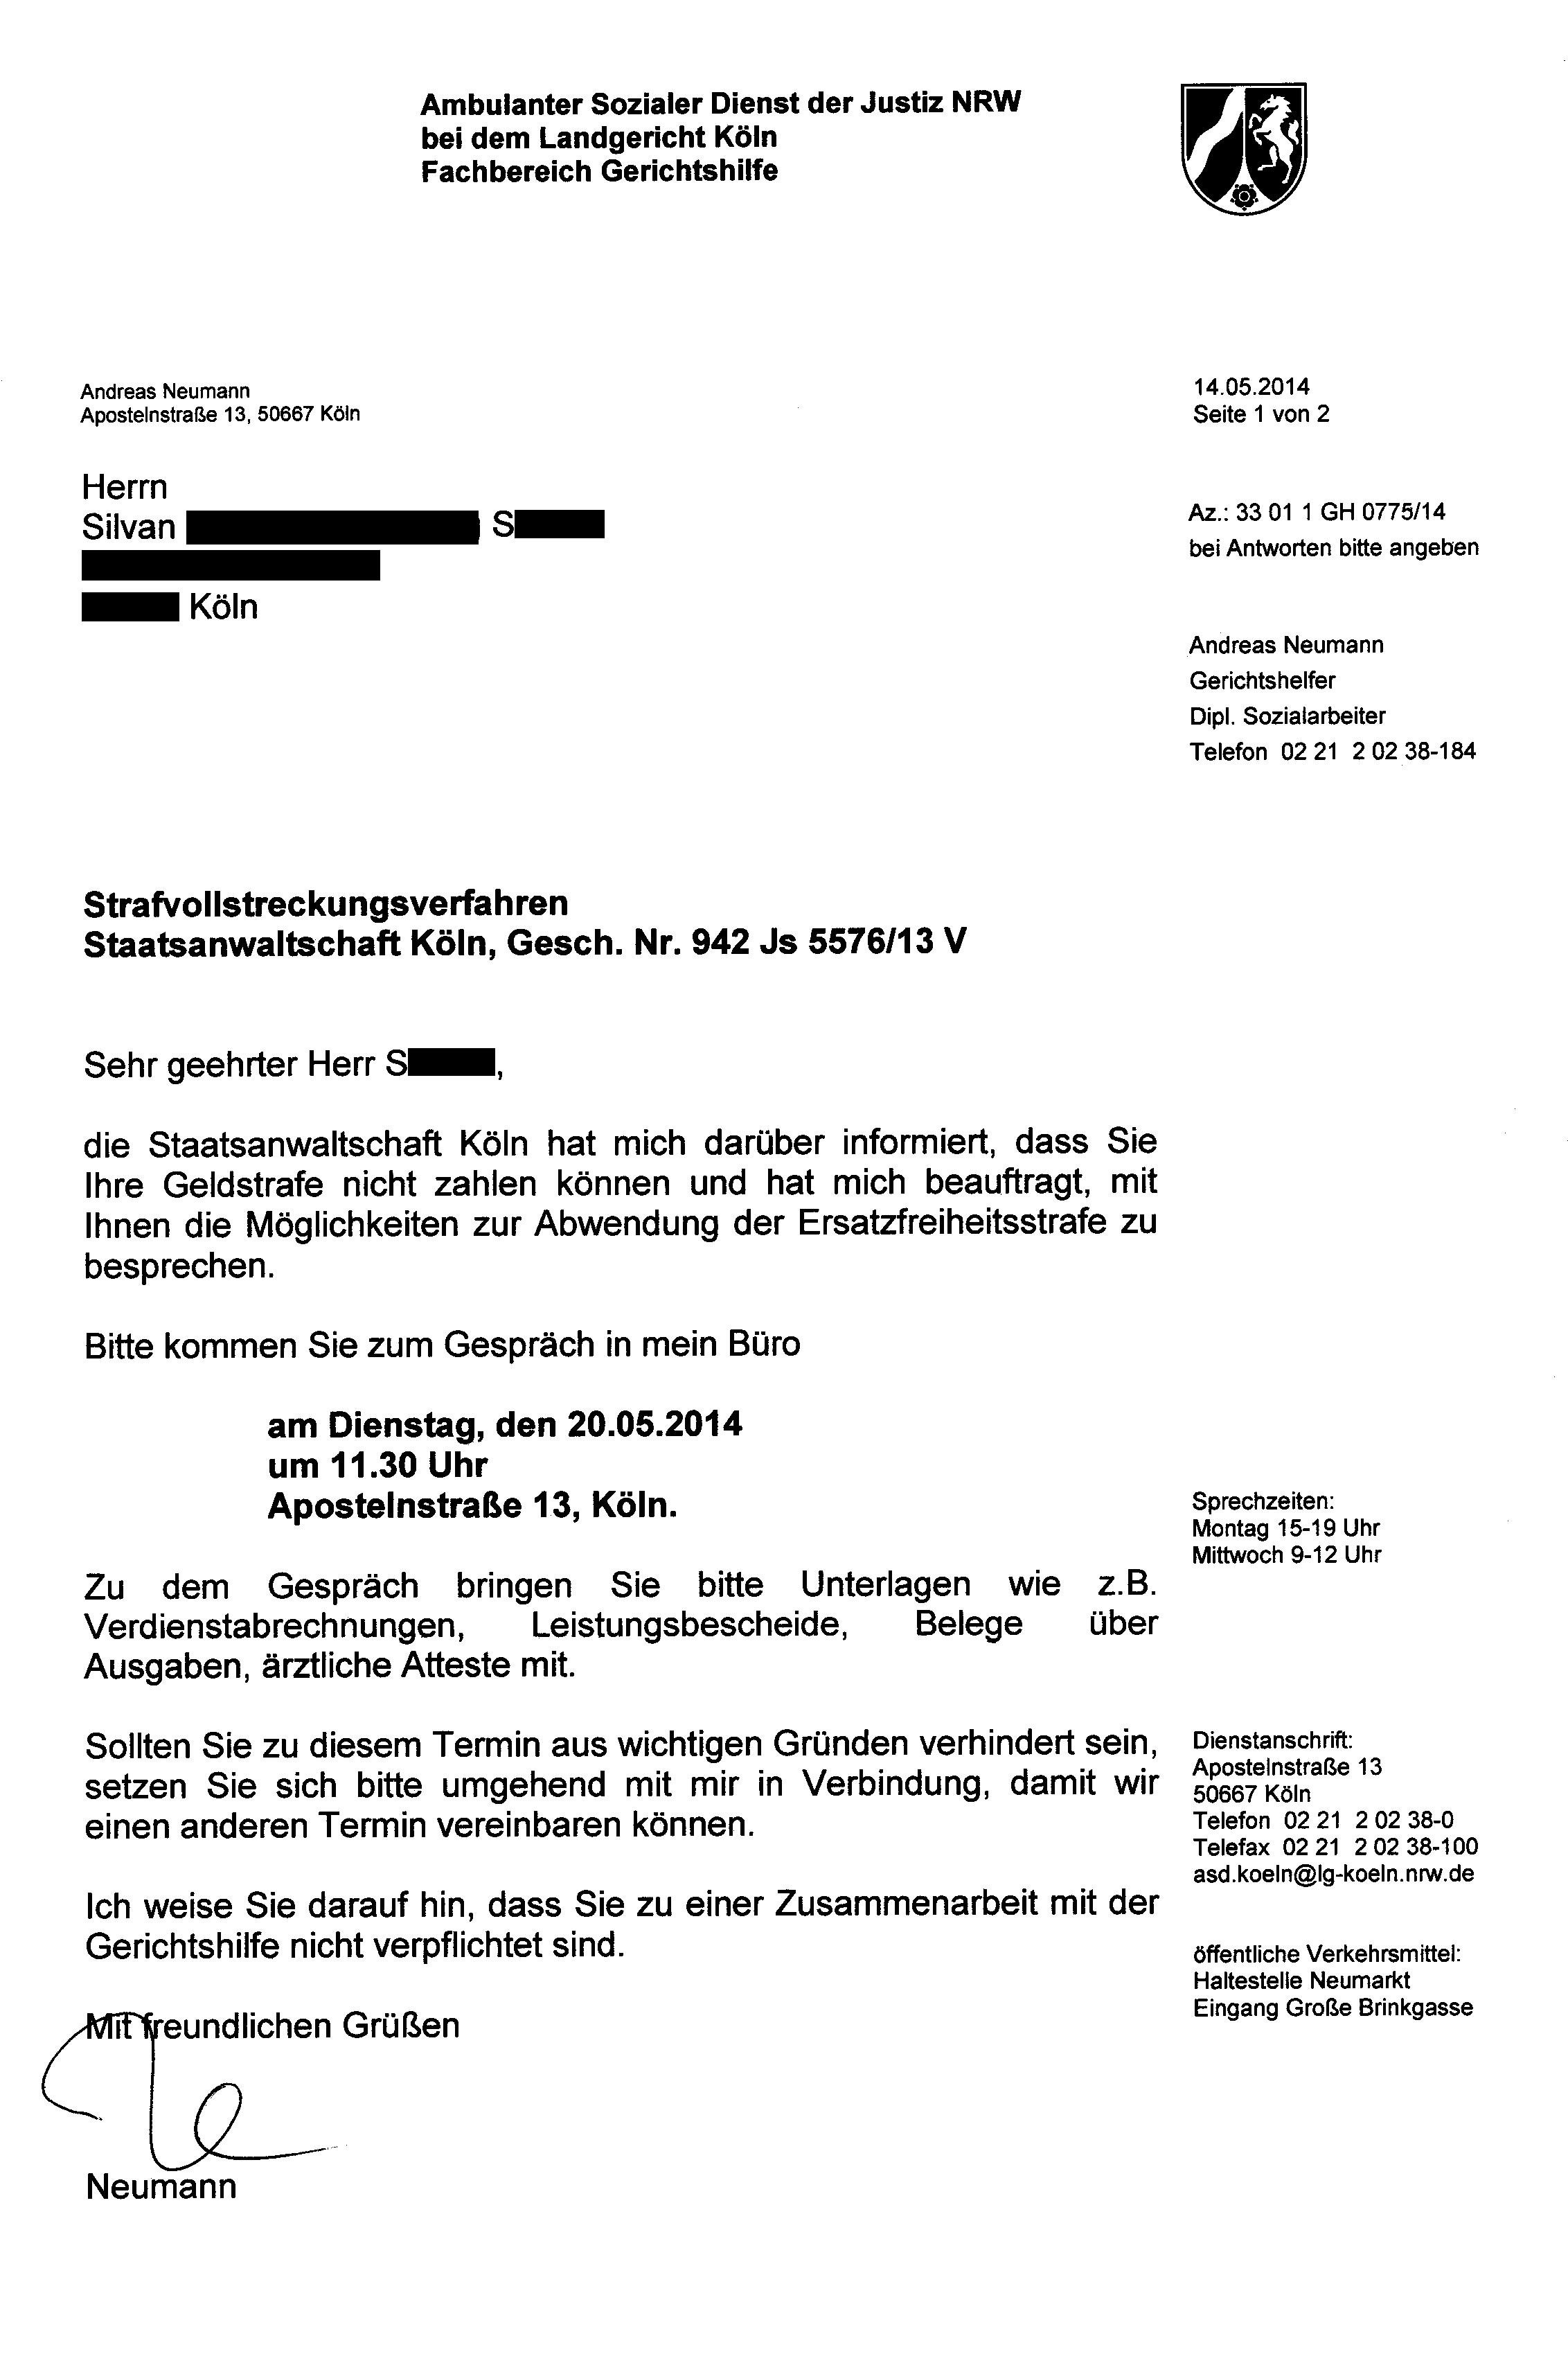 Drohung | BRD Nazi-Justiz von DJ Silvan